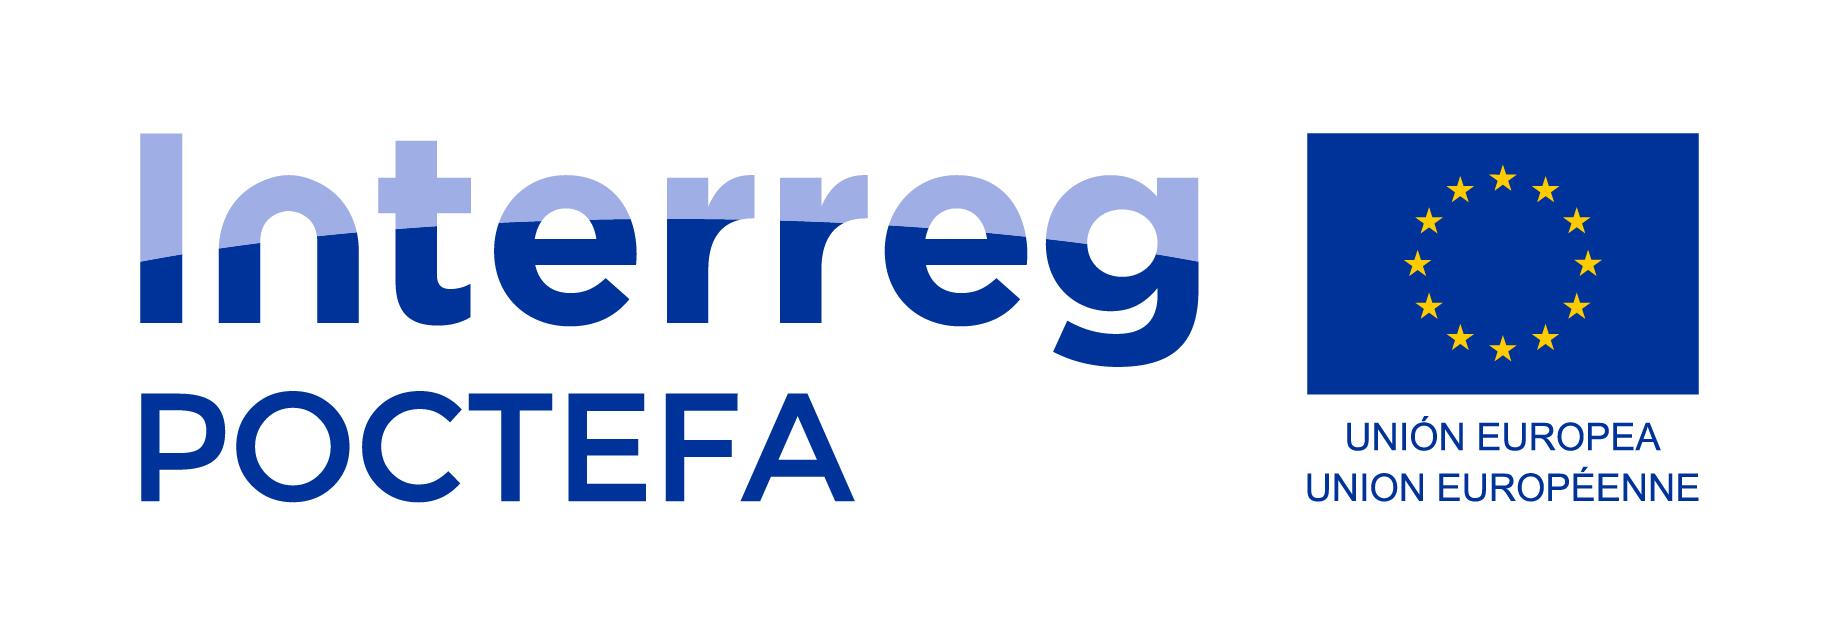 Gestión Estratégica e Innovación estará presente en el Seminario de presentación de la 2ª convocatoria de proyectos POCTEFA en Burdeos.